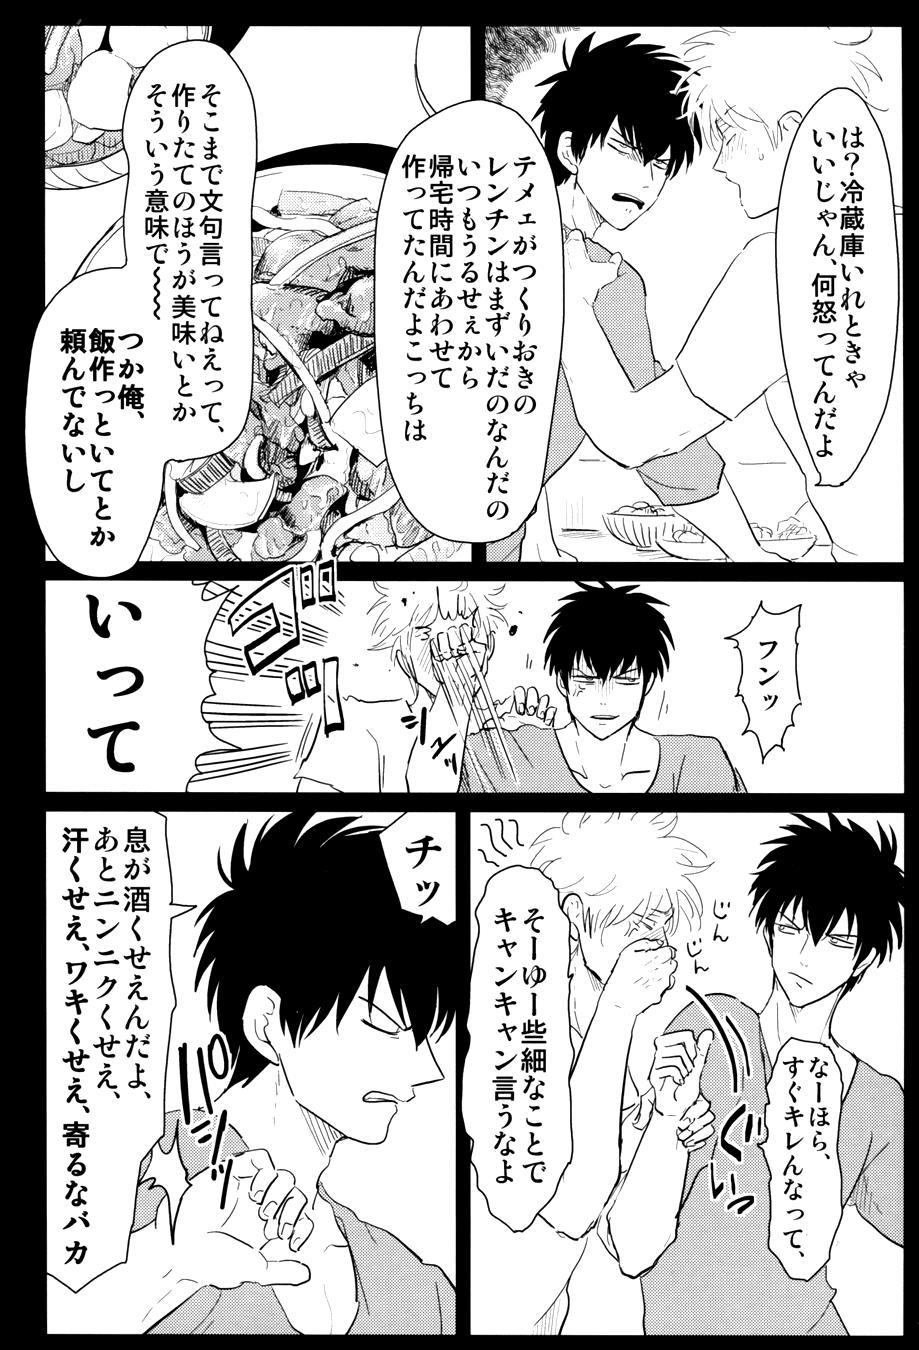 Kurasu 15